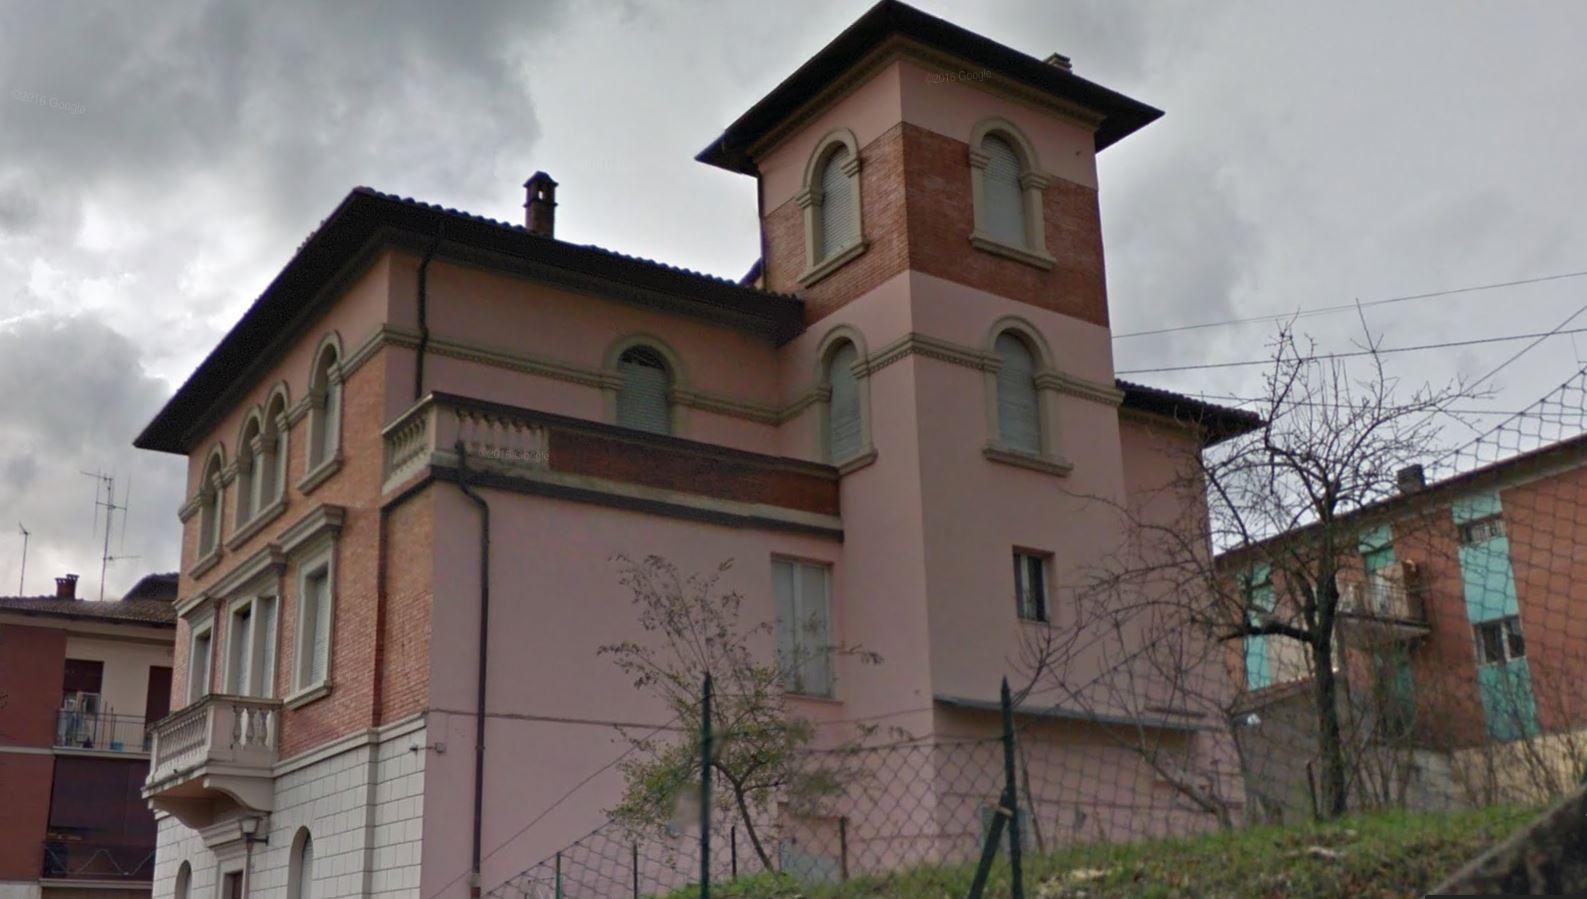 VILLINO D'EPOCA CON AMPIO GIARDINO, VERGATO RIF 218